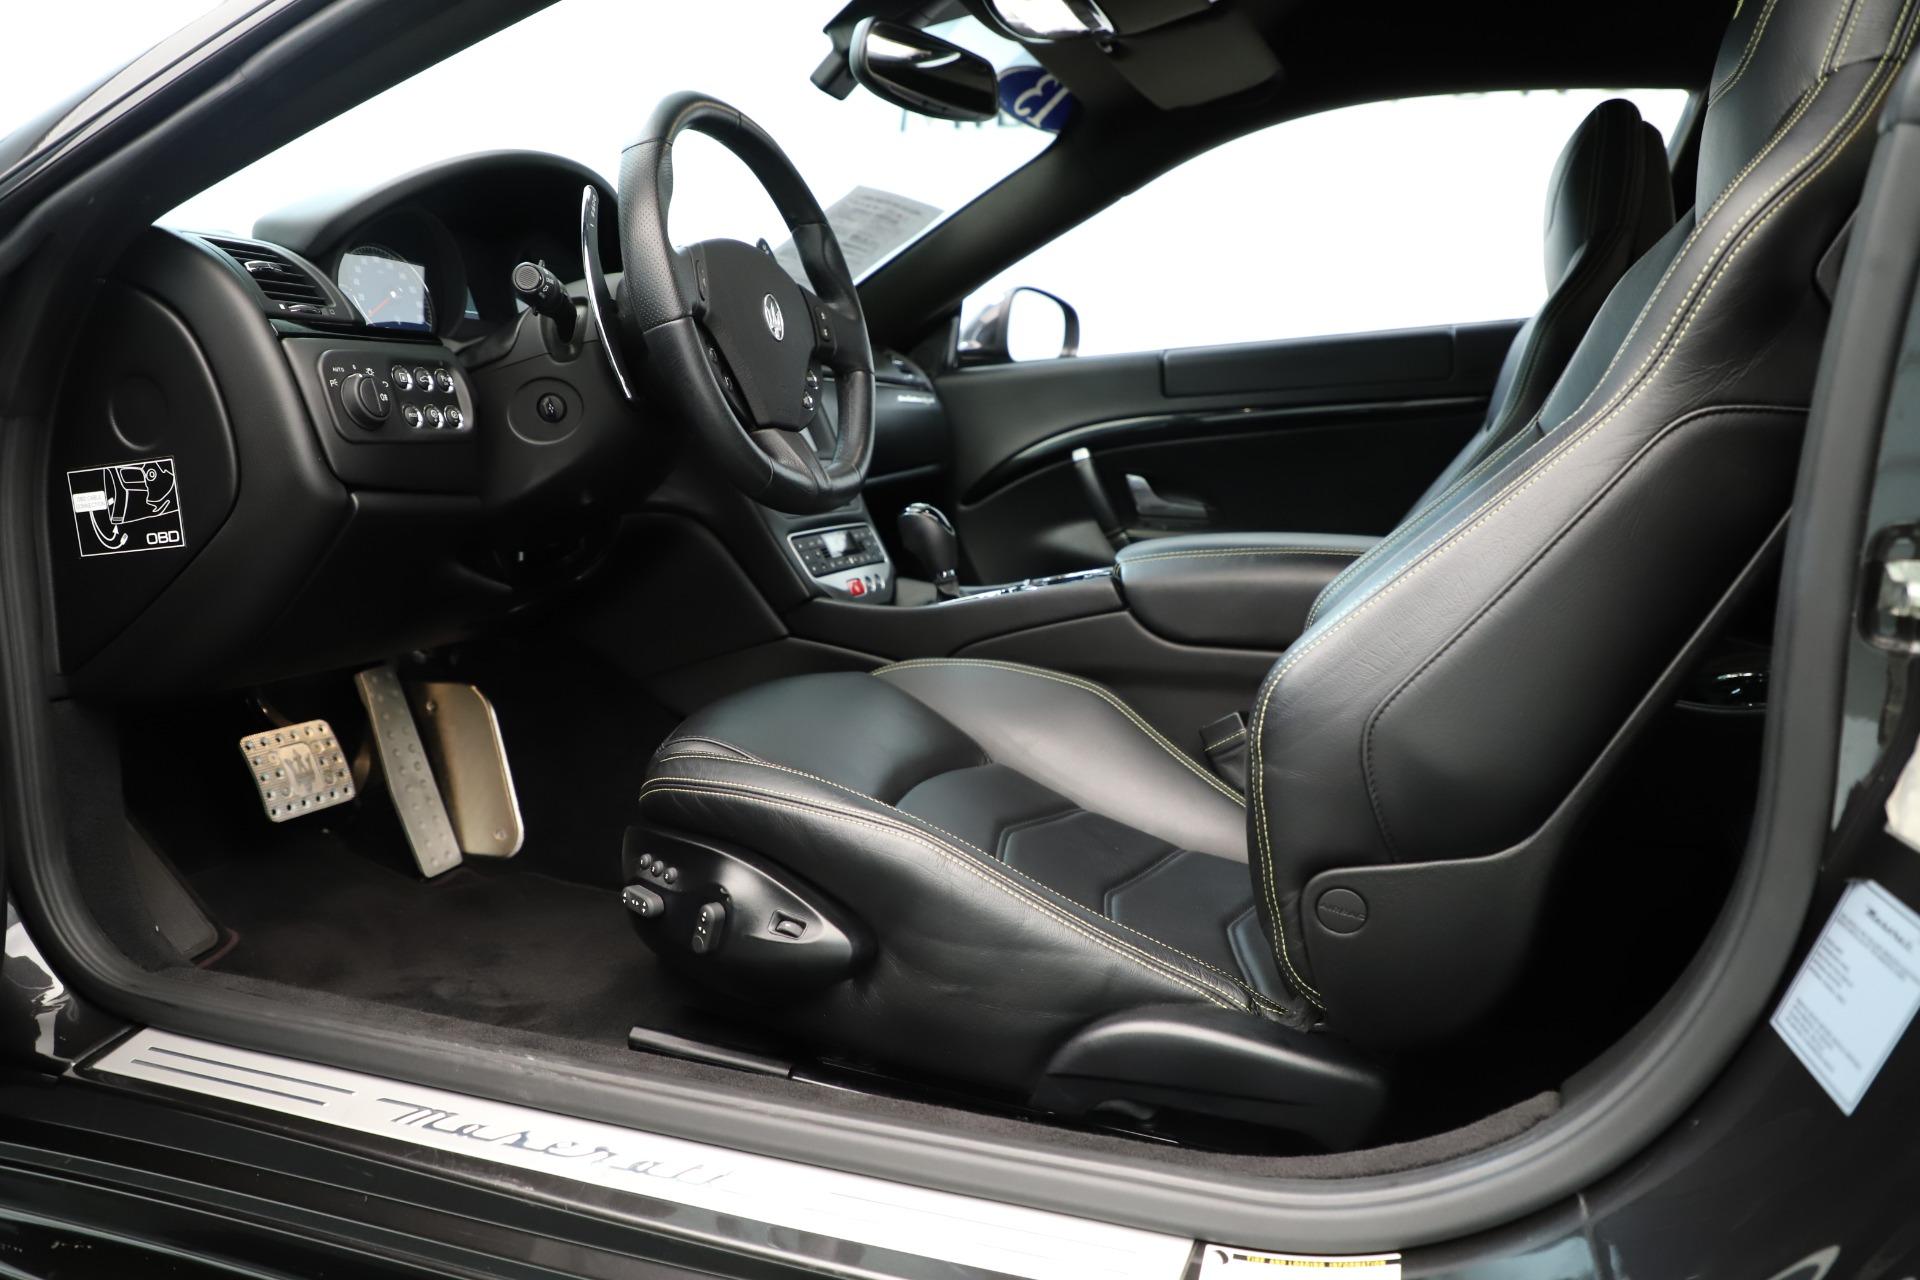 Used 2013 Maserati GranTurismo Sport For Sale In Greenwich, CT 3327_p14